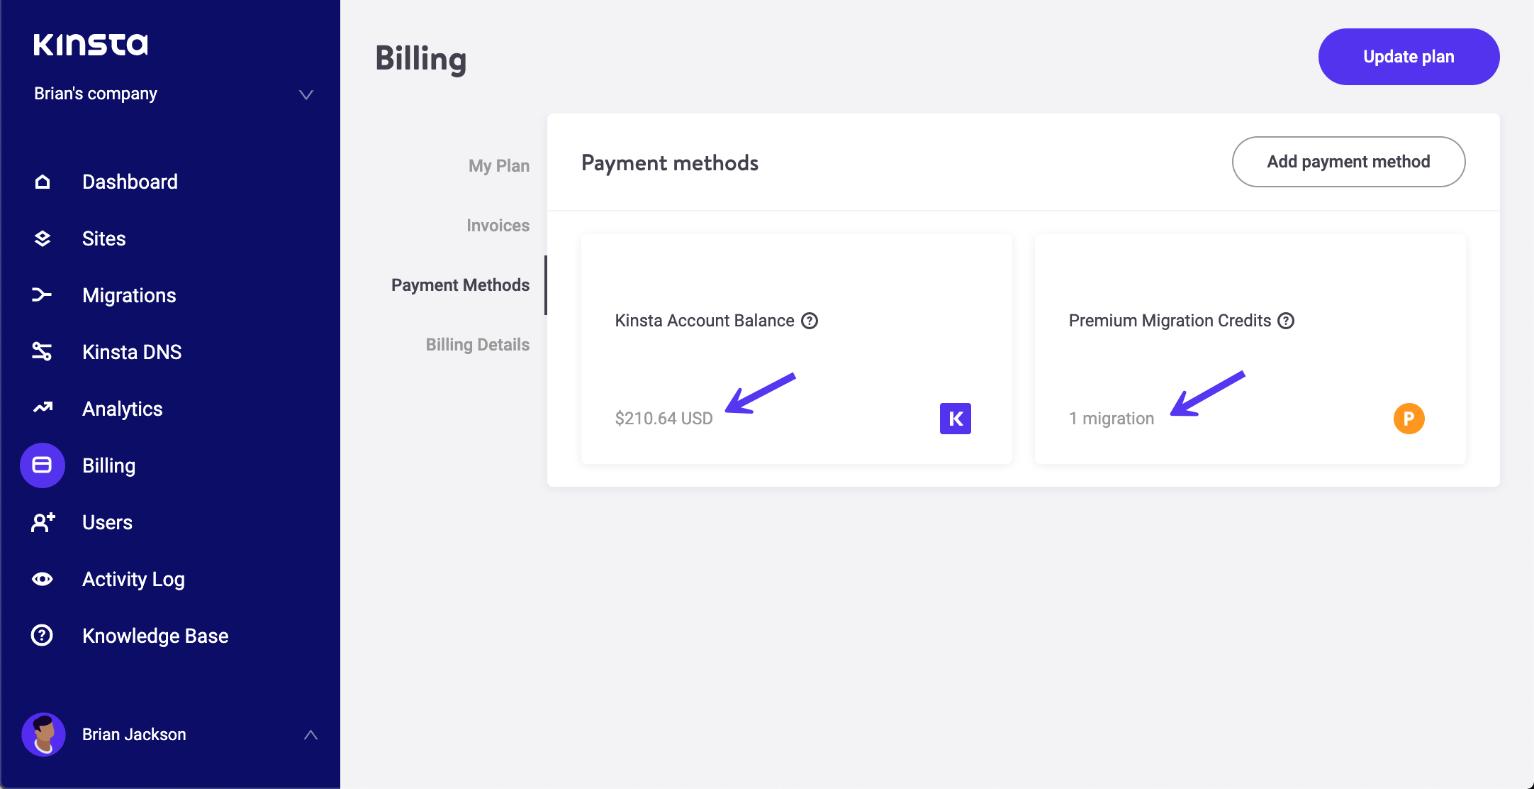 Nueva página de interfaz de usuario sobre métodos de pago